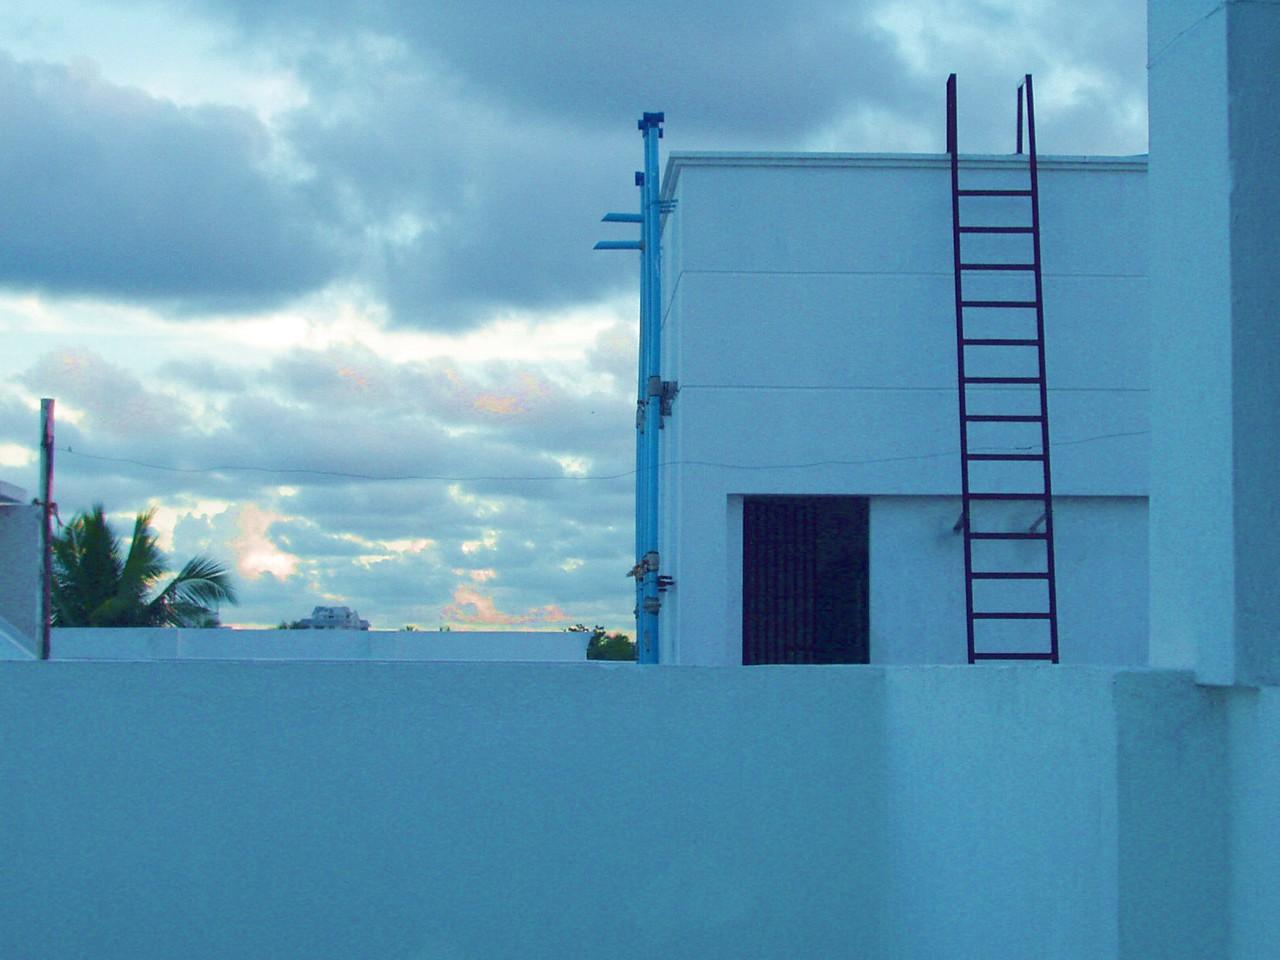 20 January: Blue